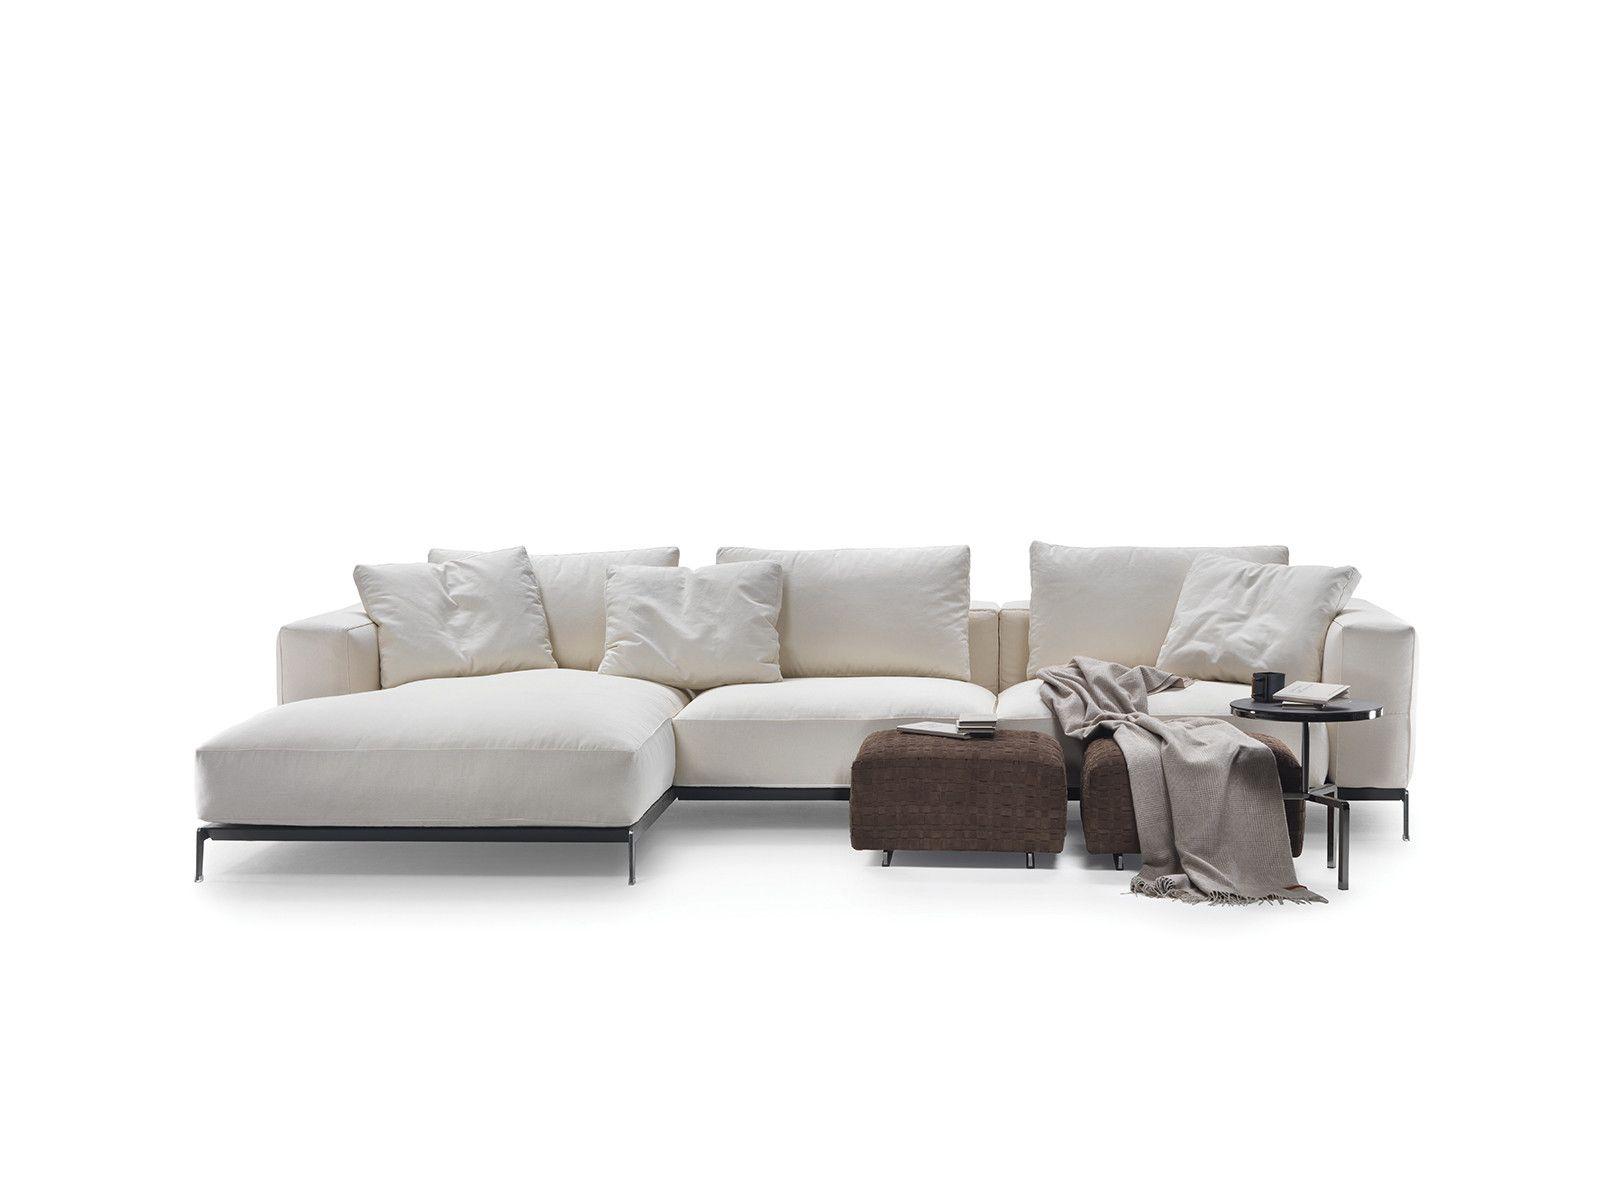 Ettore 2016 divano con chaise longue collezione ettore - Sofas con chaise longue baratos ...